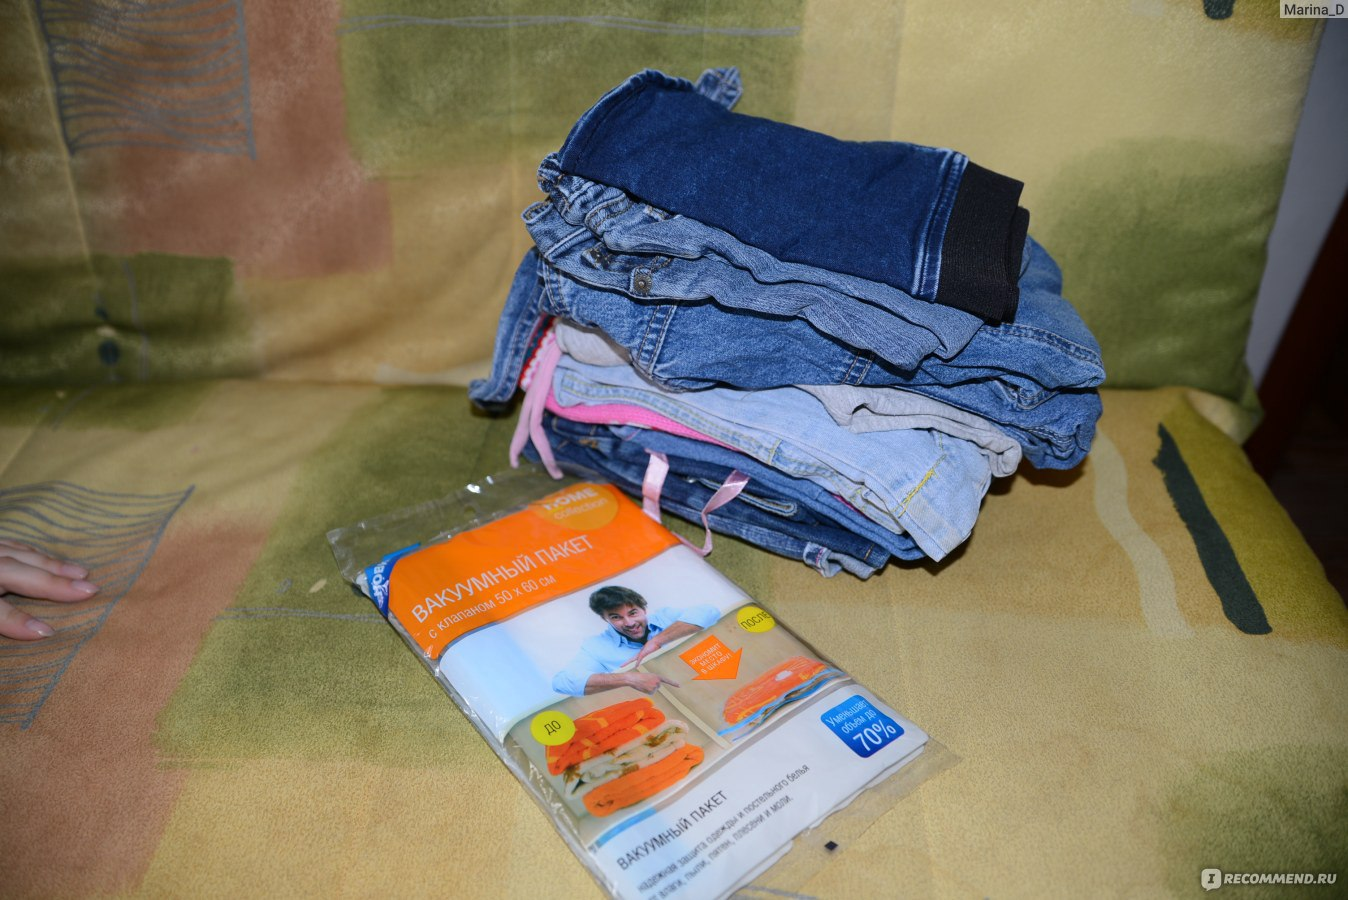 Фото вещей для детей пакет